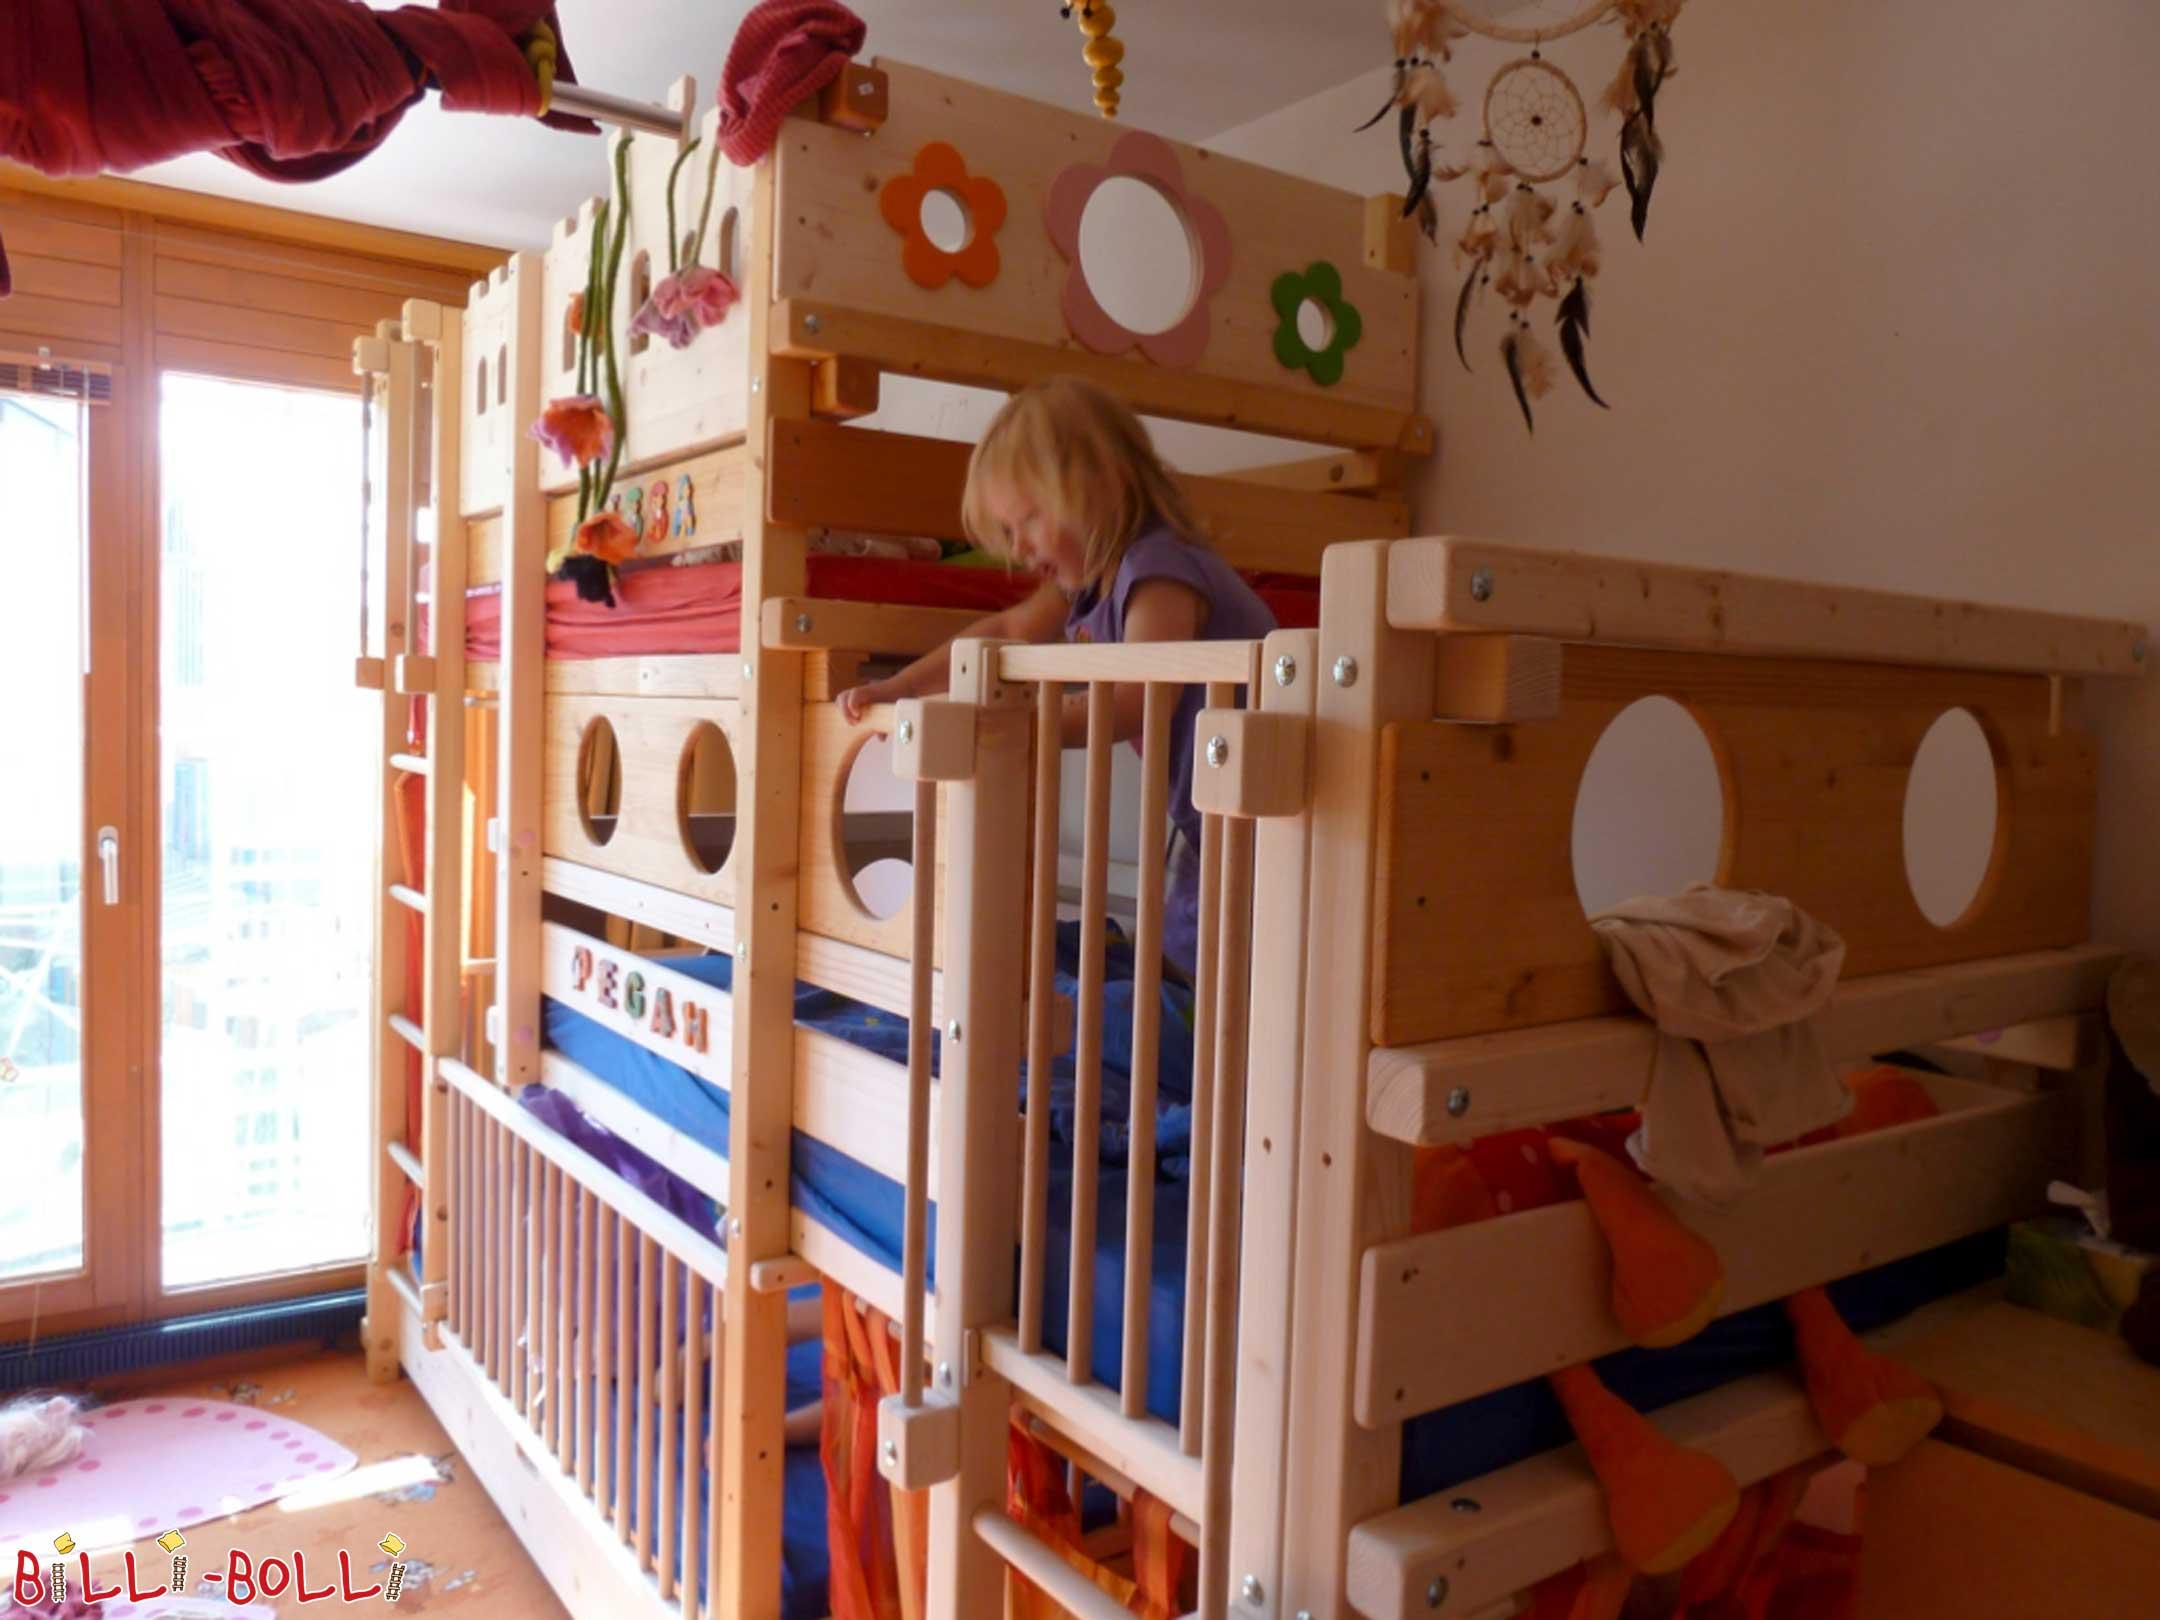 Beds For Three Billi Bolli